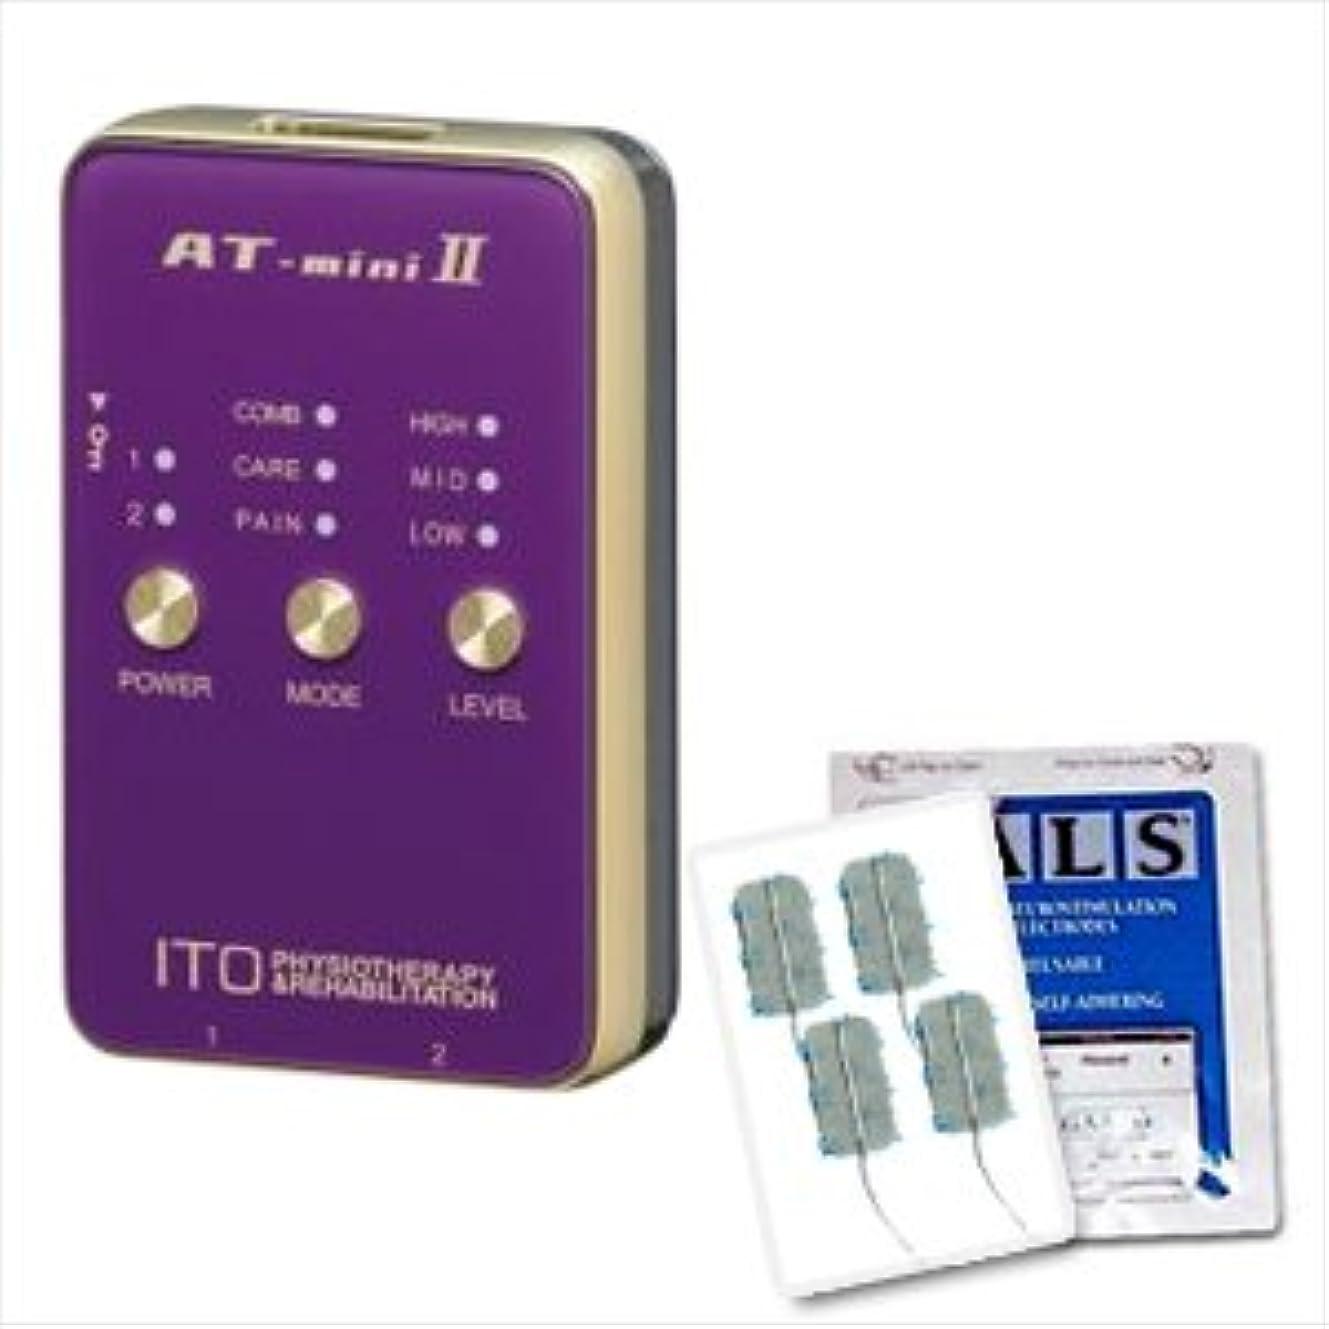 とは異なり拡散する征服低周波治療器 AT-mini II パープル +アクセルガードLサイズ(5x9cm:1袋4枚入)セット